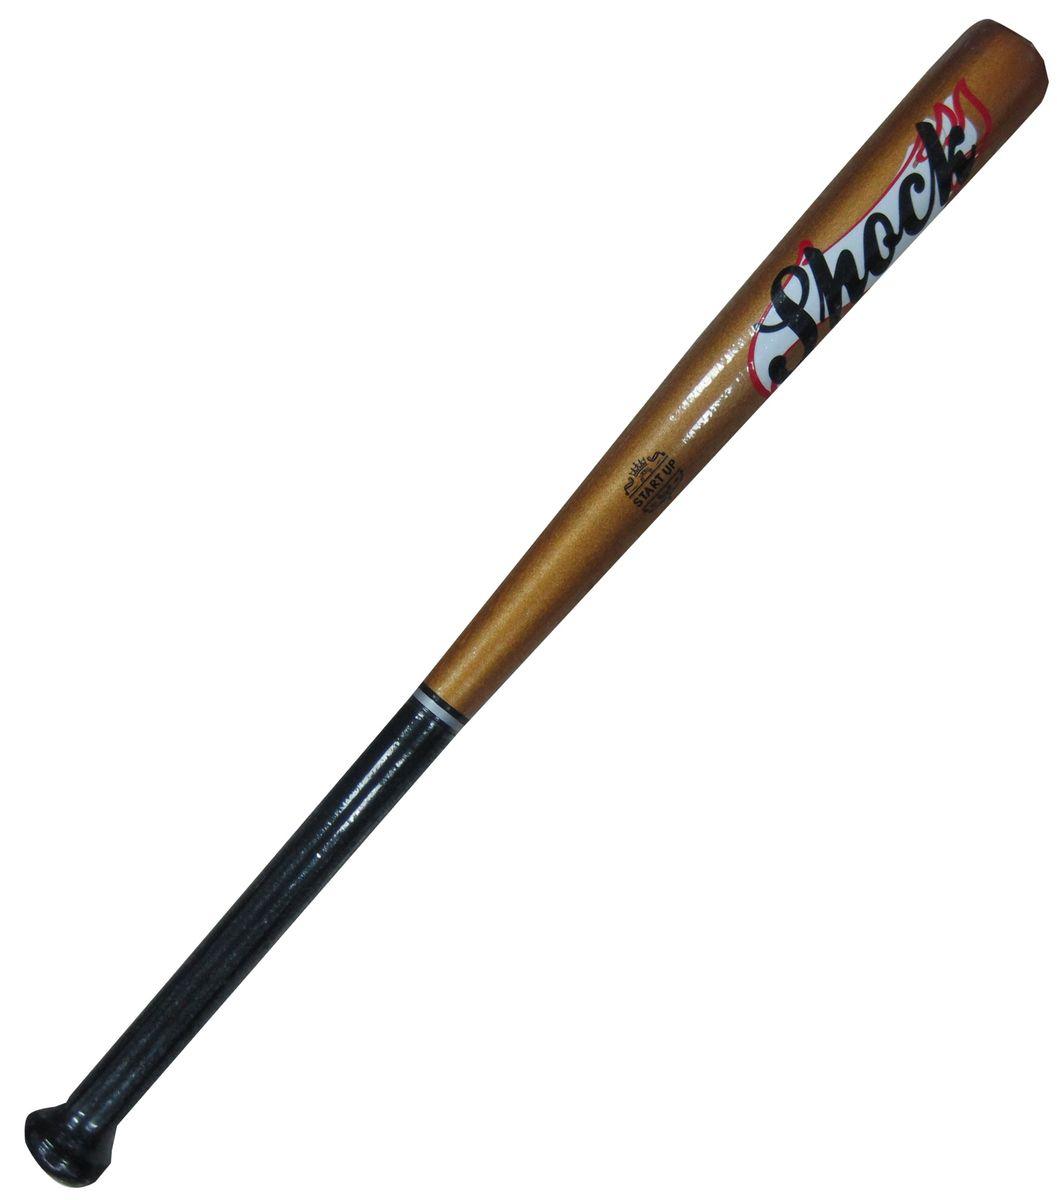 Бита бейсбольная Start UP R Shock, цвет: золото, 26120330_white/redБейсбольная бита Start Up выполнена из каучукового дерева, а это значит, что она невероятно прочная и плотная. Размер - 26 (66 см).